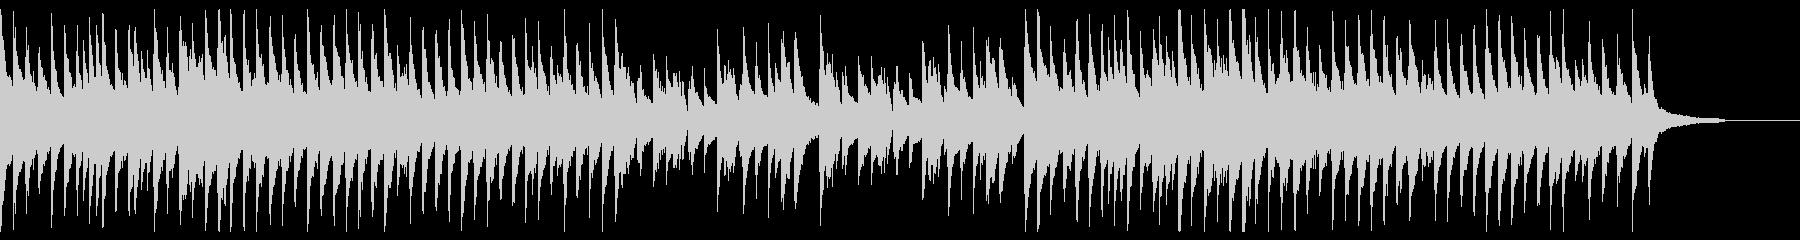 アンニュイなジャズ風のピアノの未再生の波形